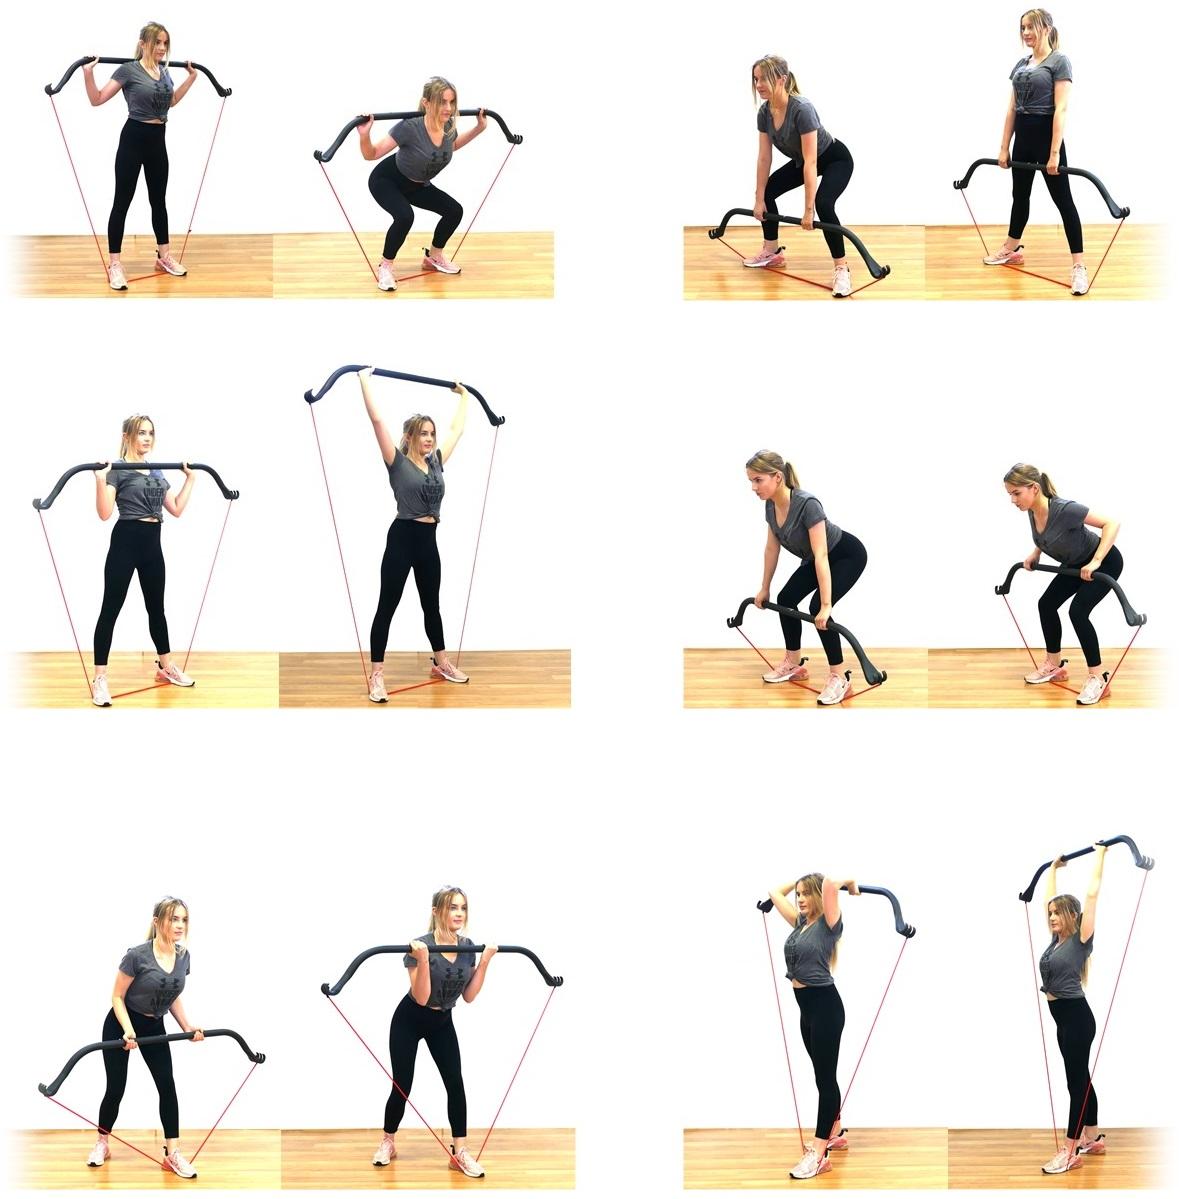 cwiczenia z gumami lukiem fbw bow